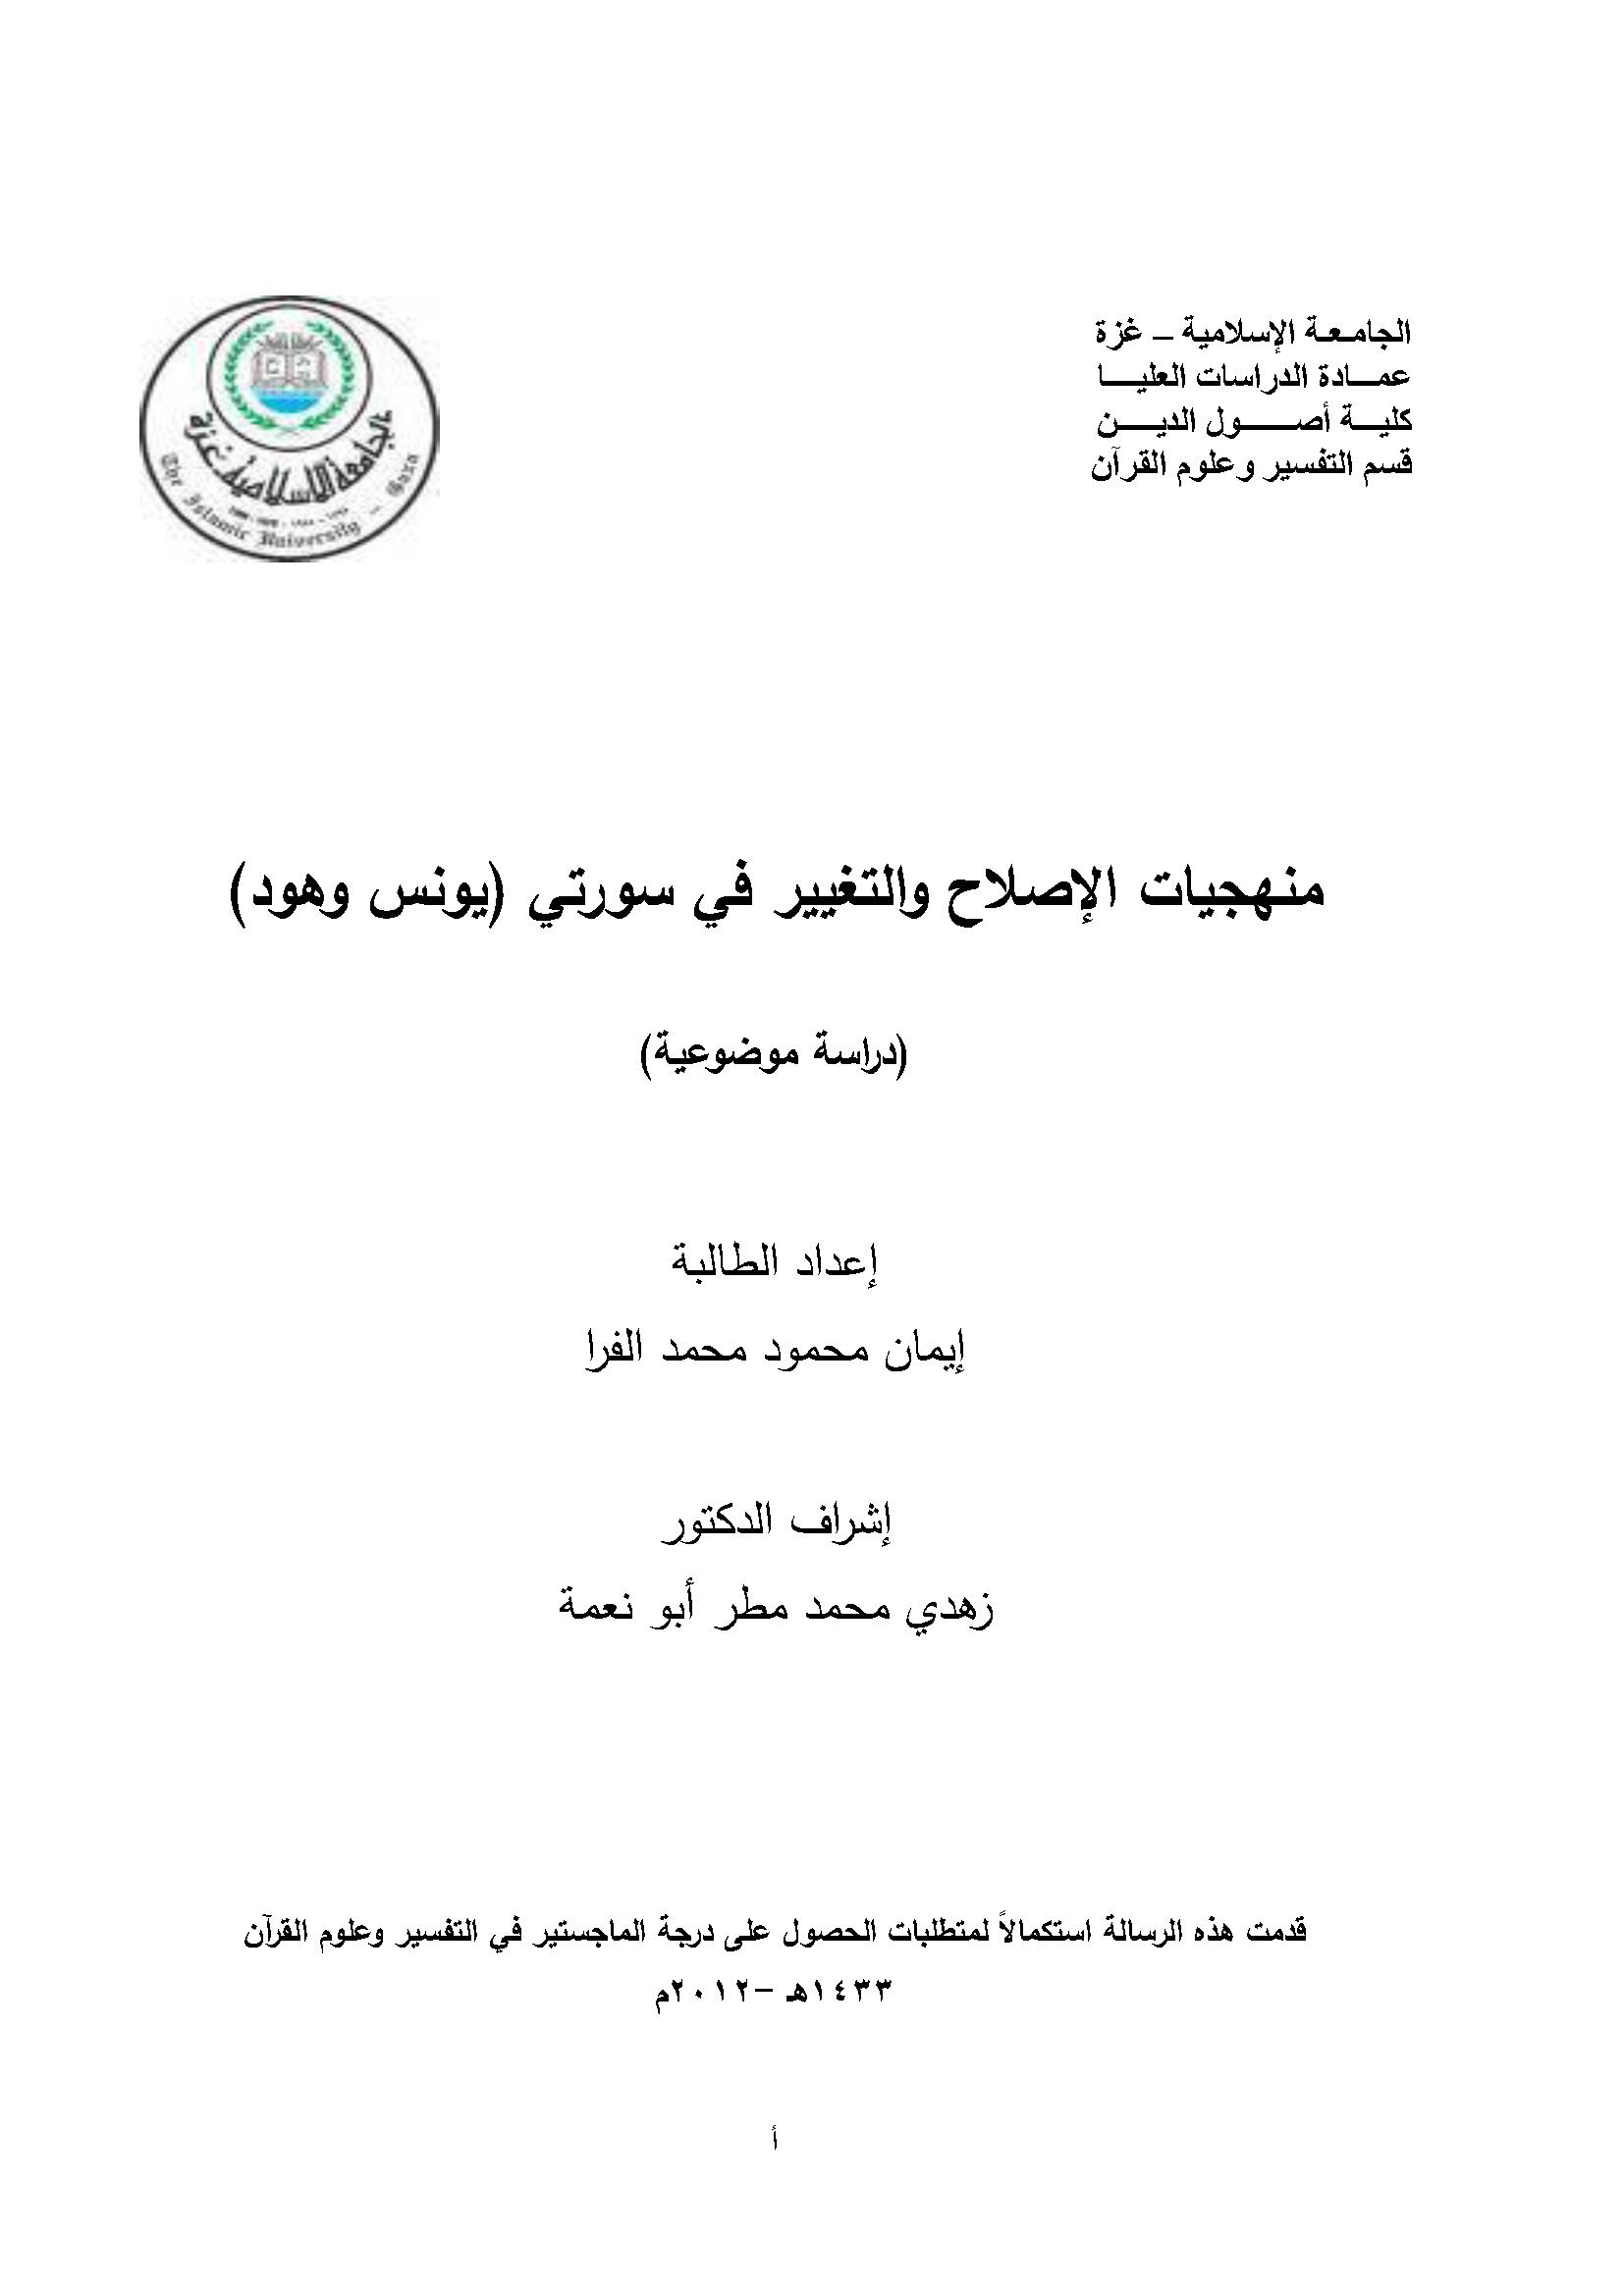 تحميل كتاب منهجيات الإصلاح والتغيير في سورتي يونس وهود (دراسة موضوعية) لـِ: إيمان محمود محمد الفرا